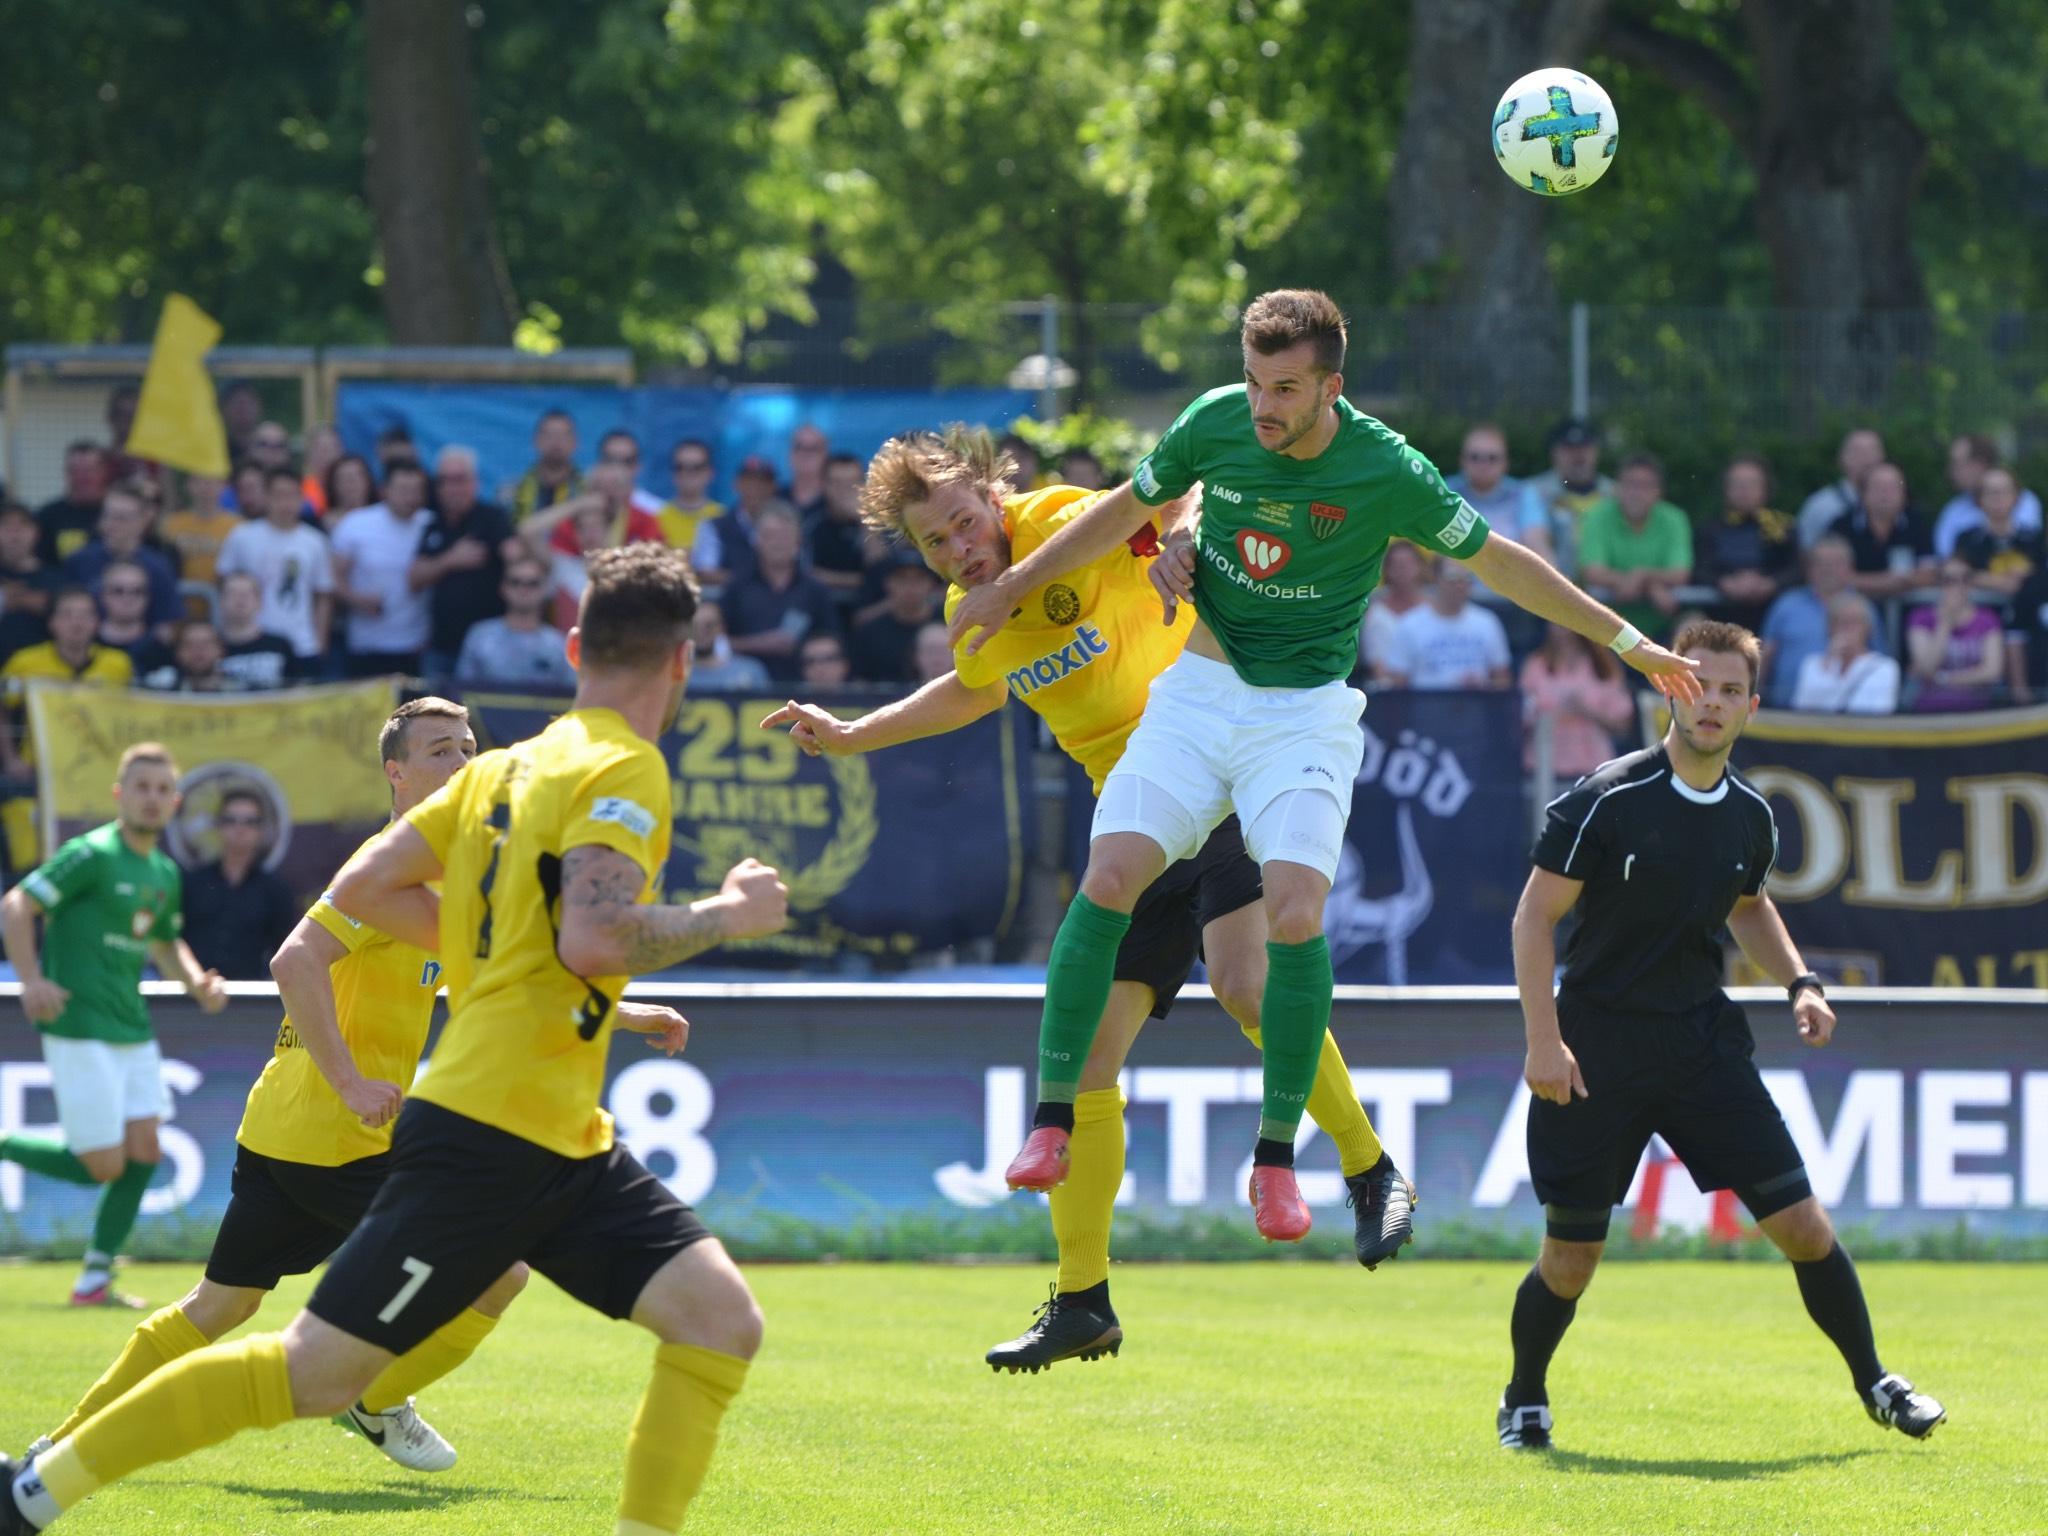 Spielszene im Toto-Pokal Finale 1.FC Schweinfurt 05 gegen Bayreuth. Foto: Bayerischer Fußball–Verband e.V.